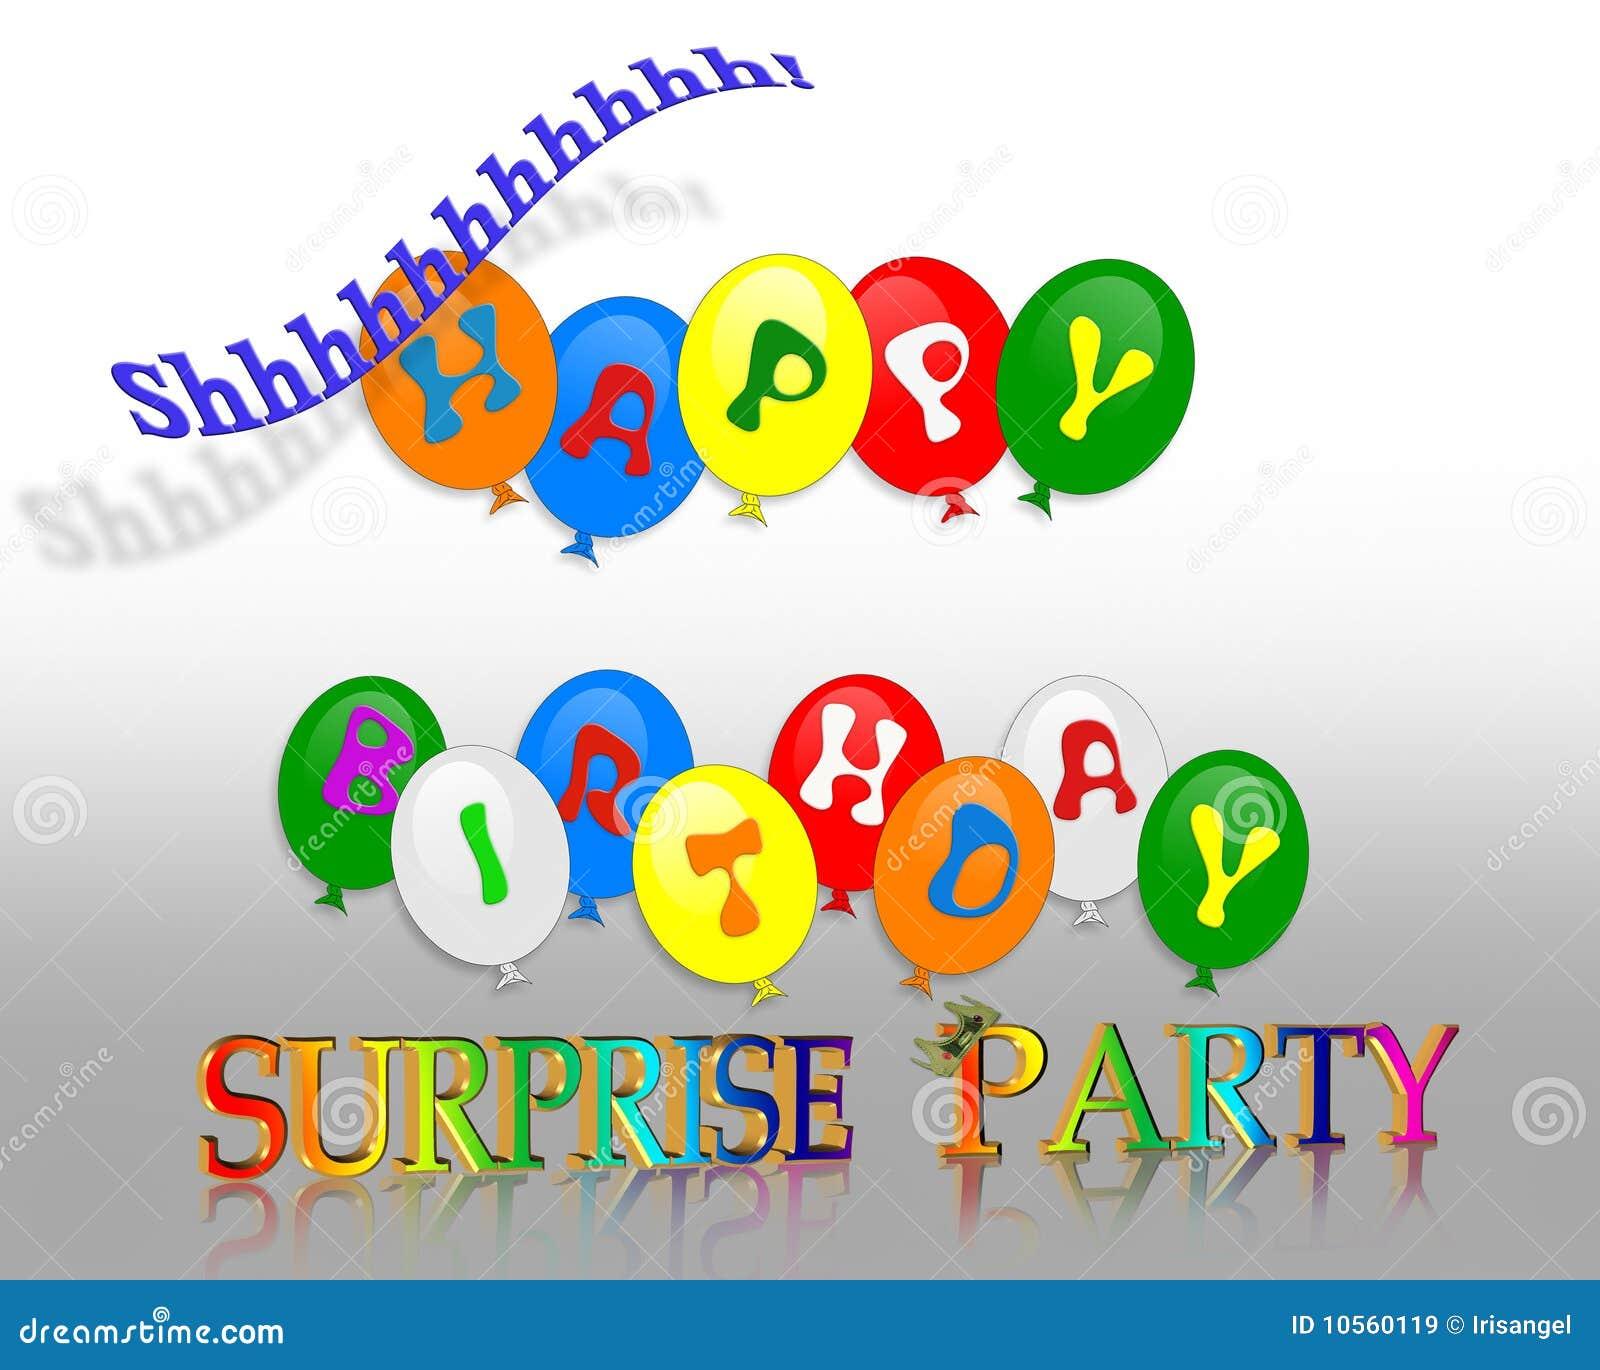 De Uitnodiging Van De Partij Van De Verrassing Van De Verjaardag